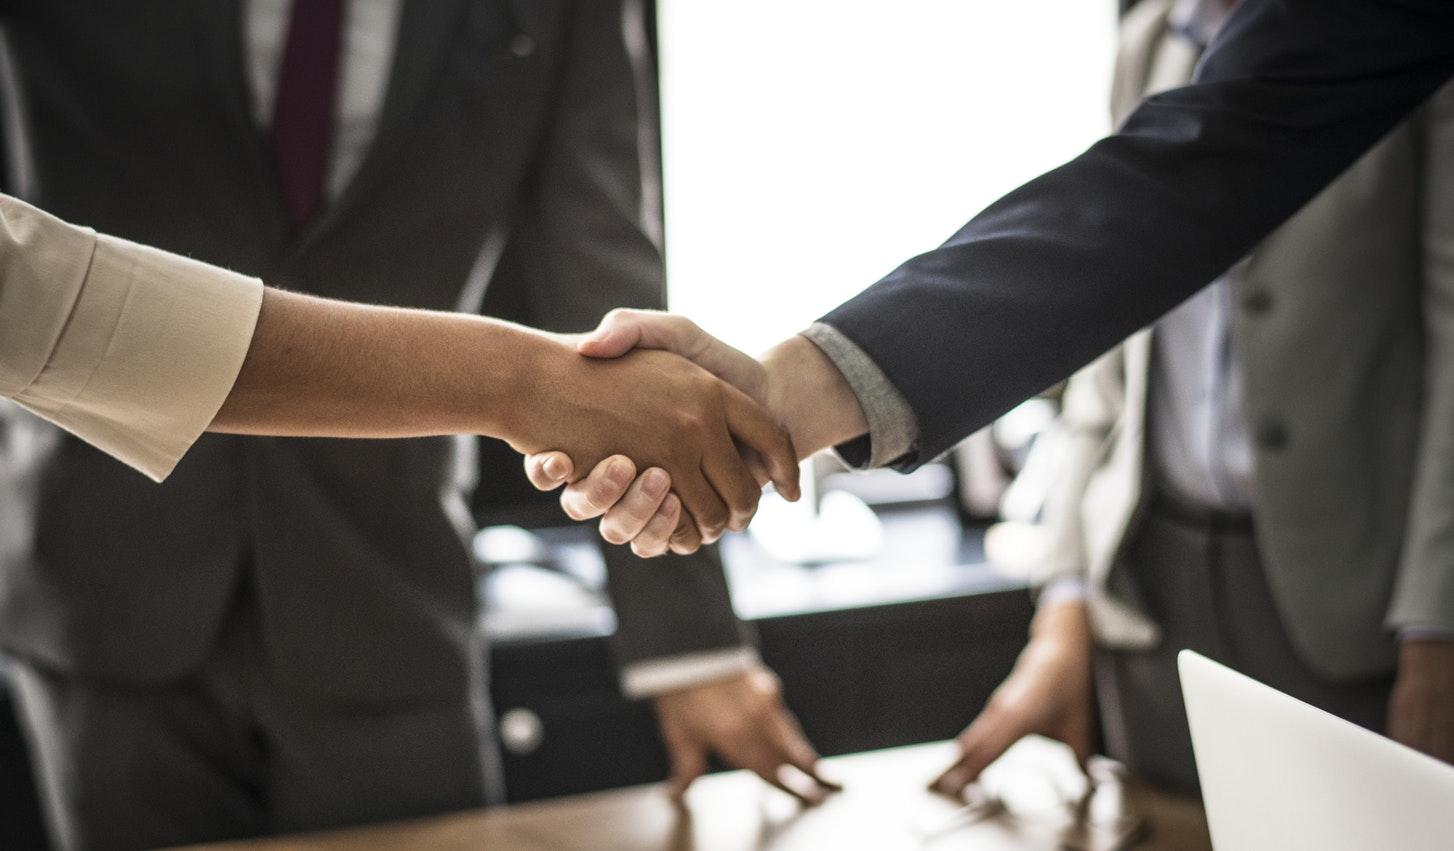 job interview hand shake